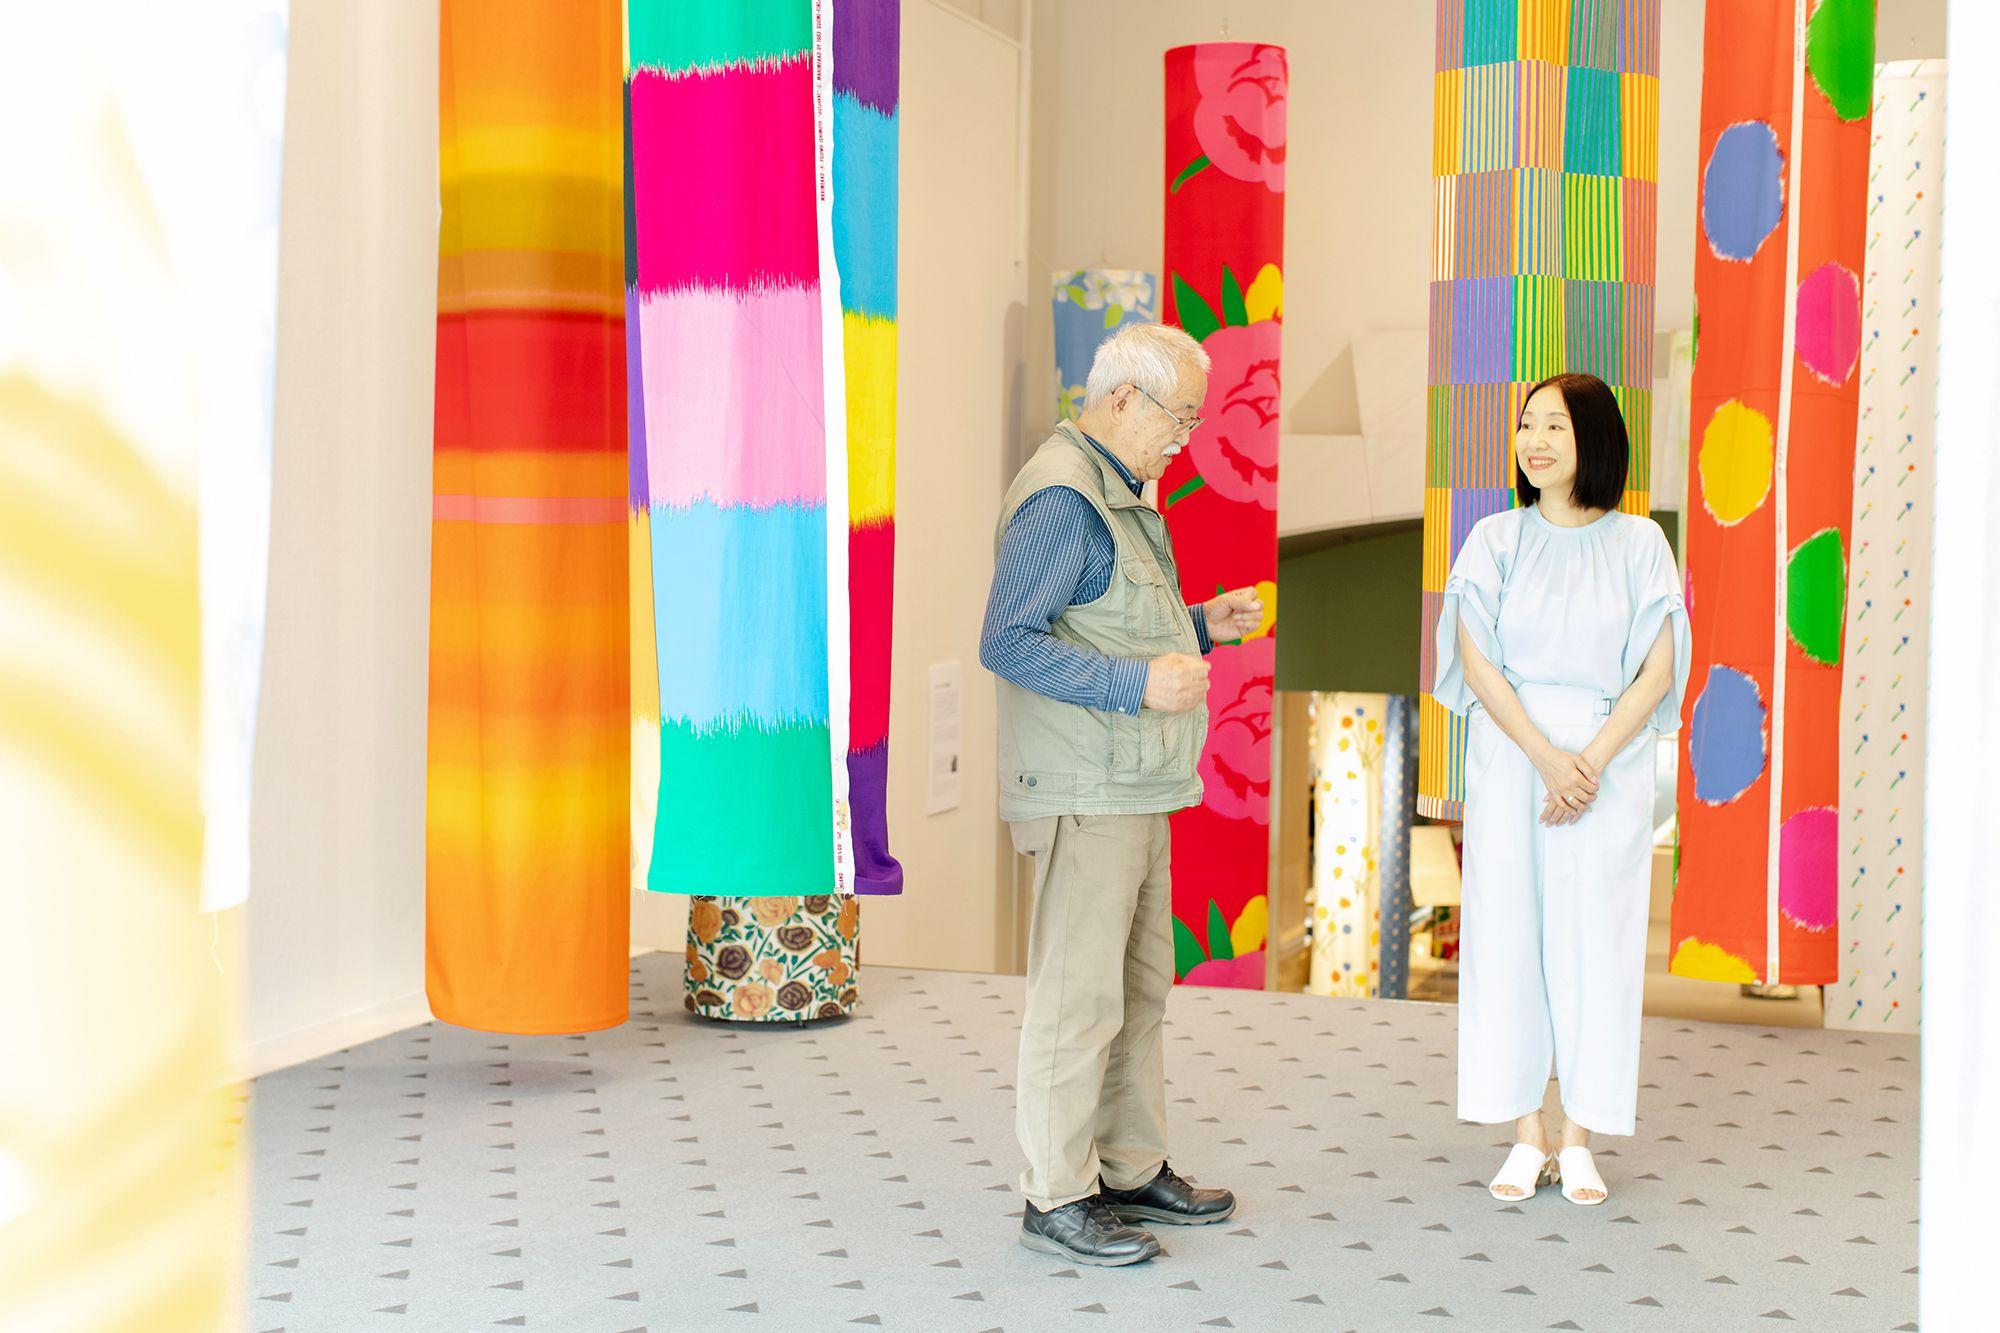 6月にスパイラルガーデンで開催された「石本藤雄展―マリメッコの花から陶の実へ―」での様子。